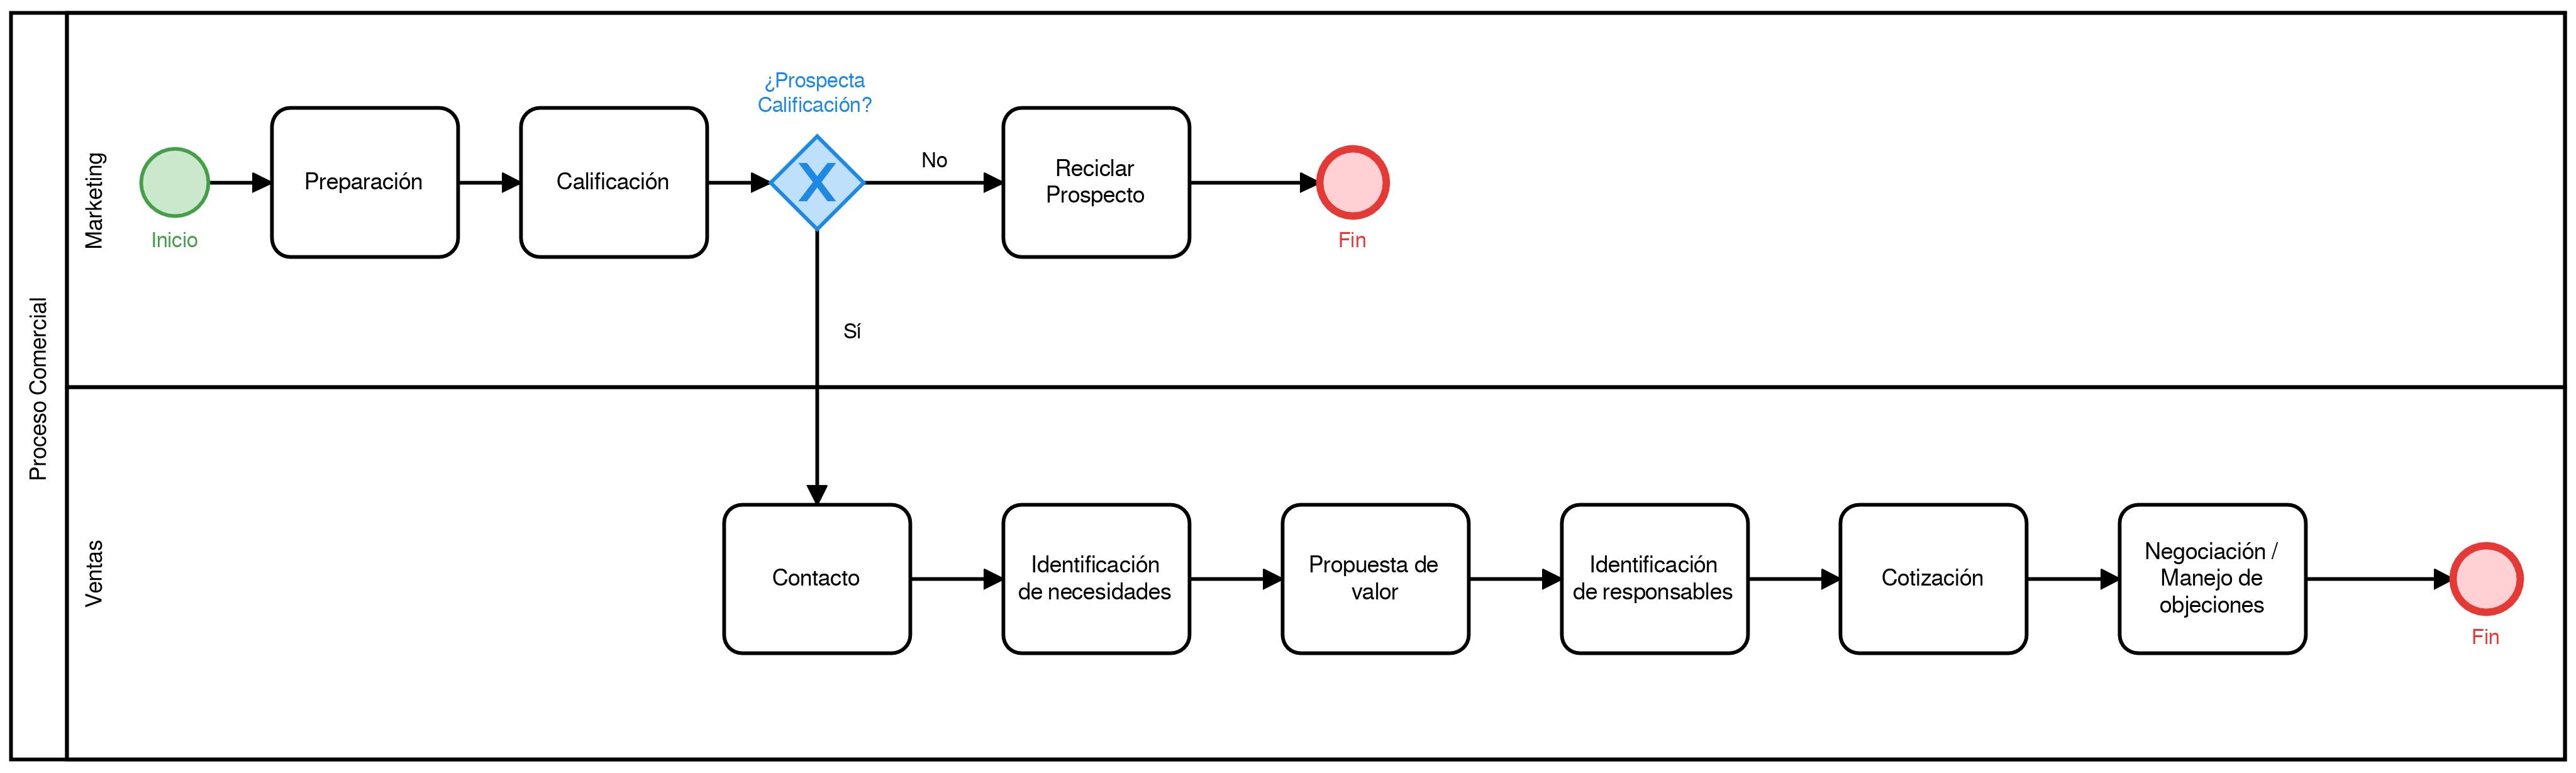 mapeo de procesos ejemplo 1